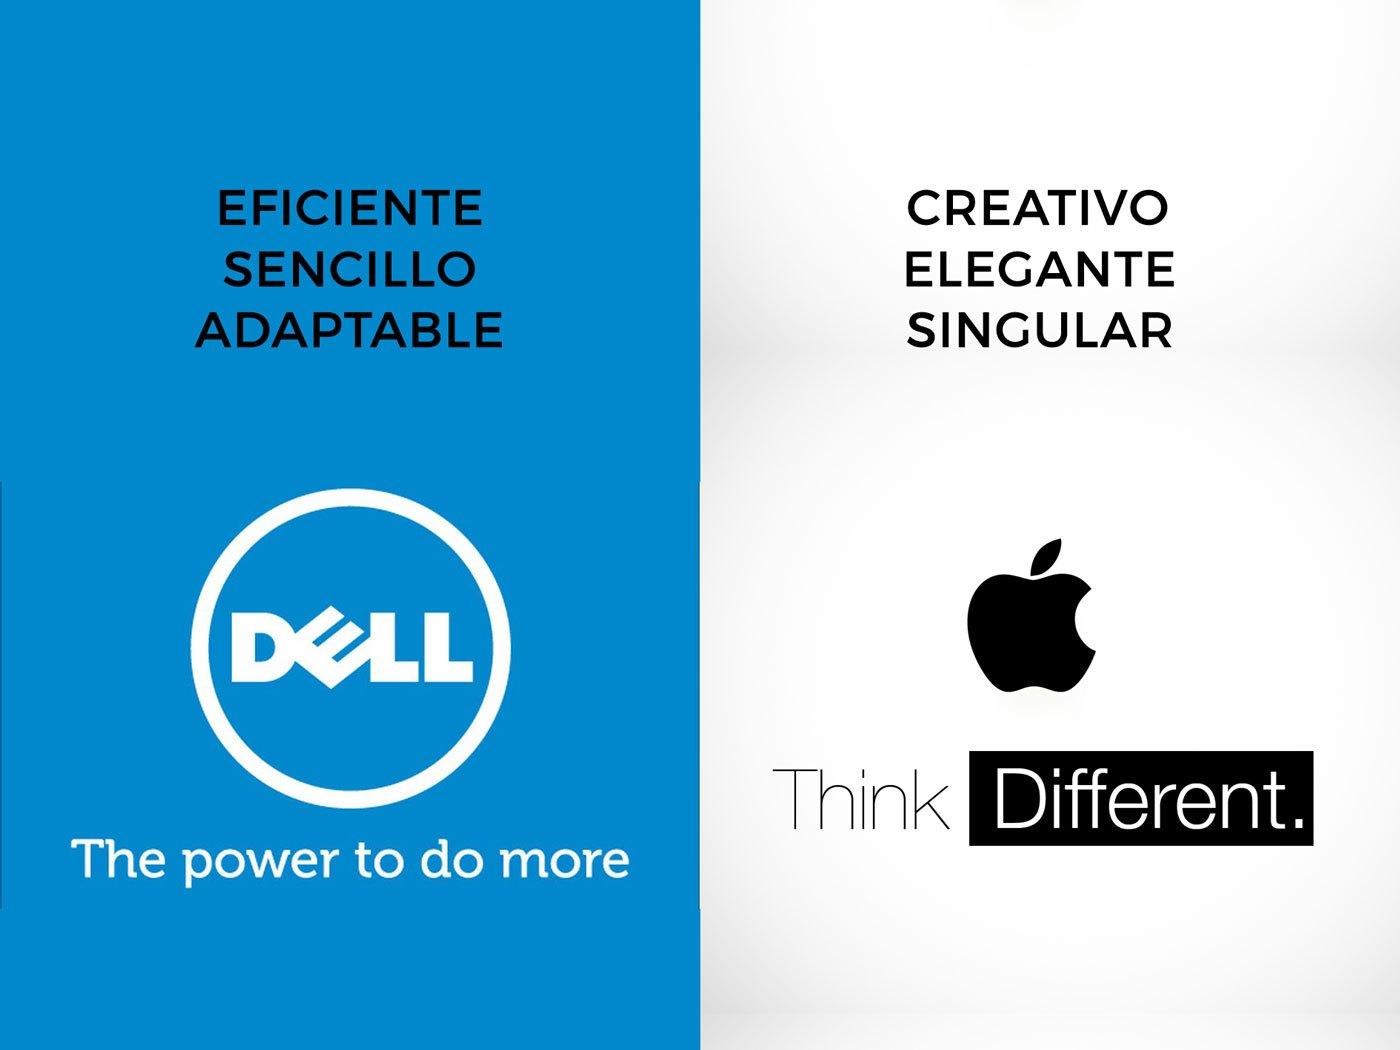 Reformarketing Comparativa Personalidad Logo